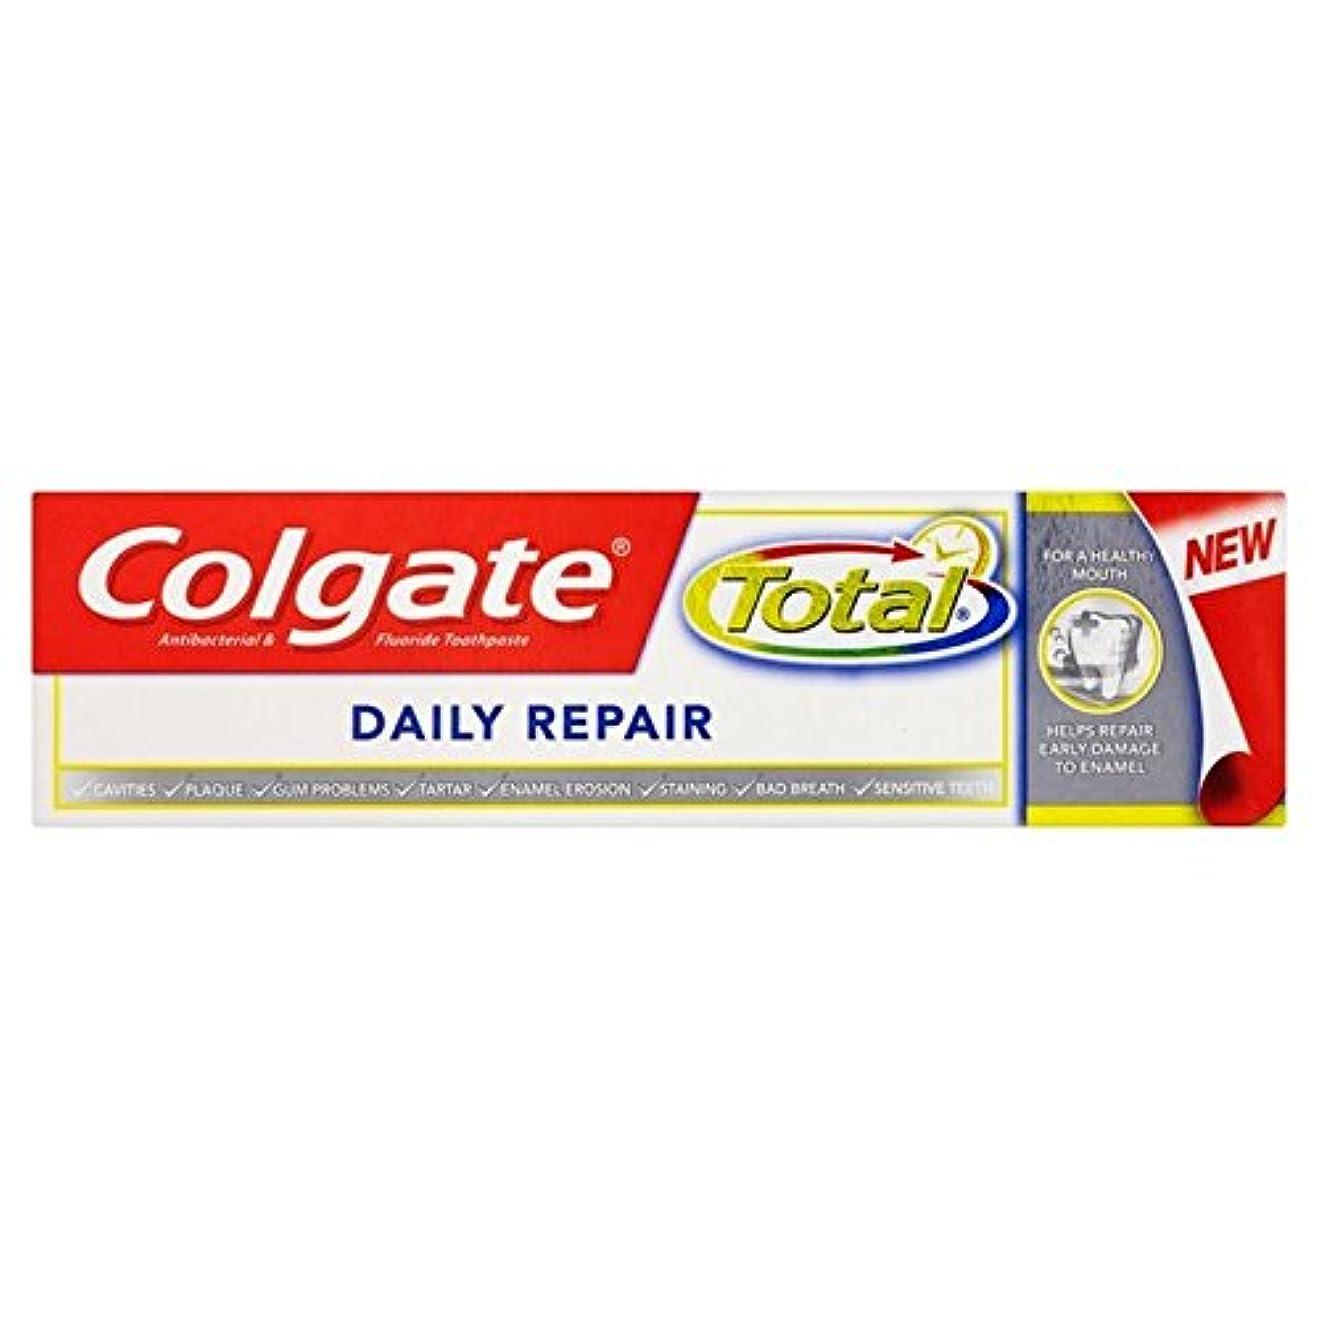 インク歴史芸術的Colgate Total Daily Repair Toothpaste 75ml - コルゲートトータル毎日修理歯磨き粉75ミリリットル [並行輸入品]